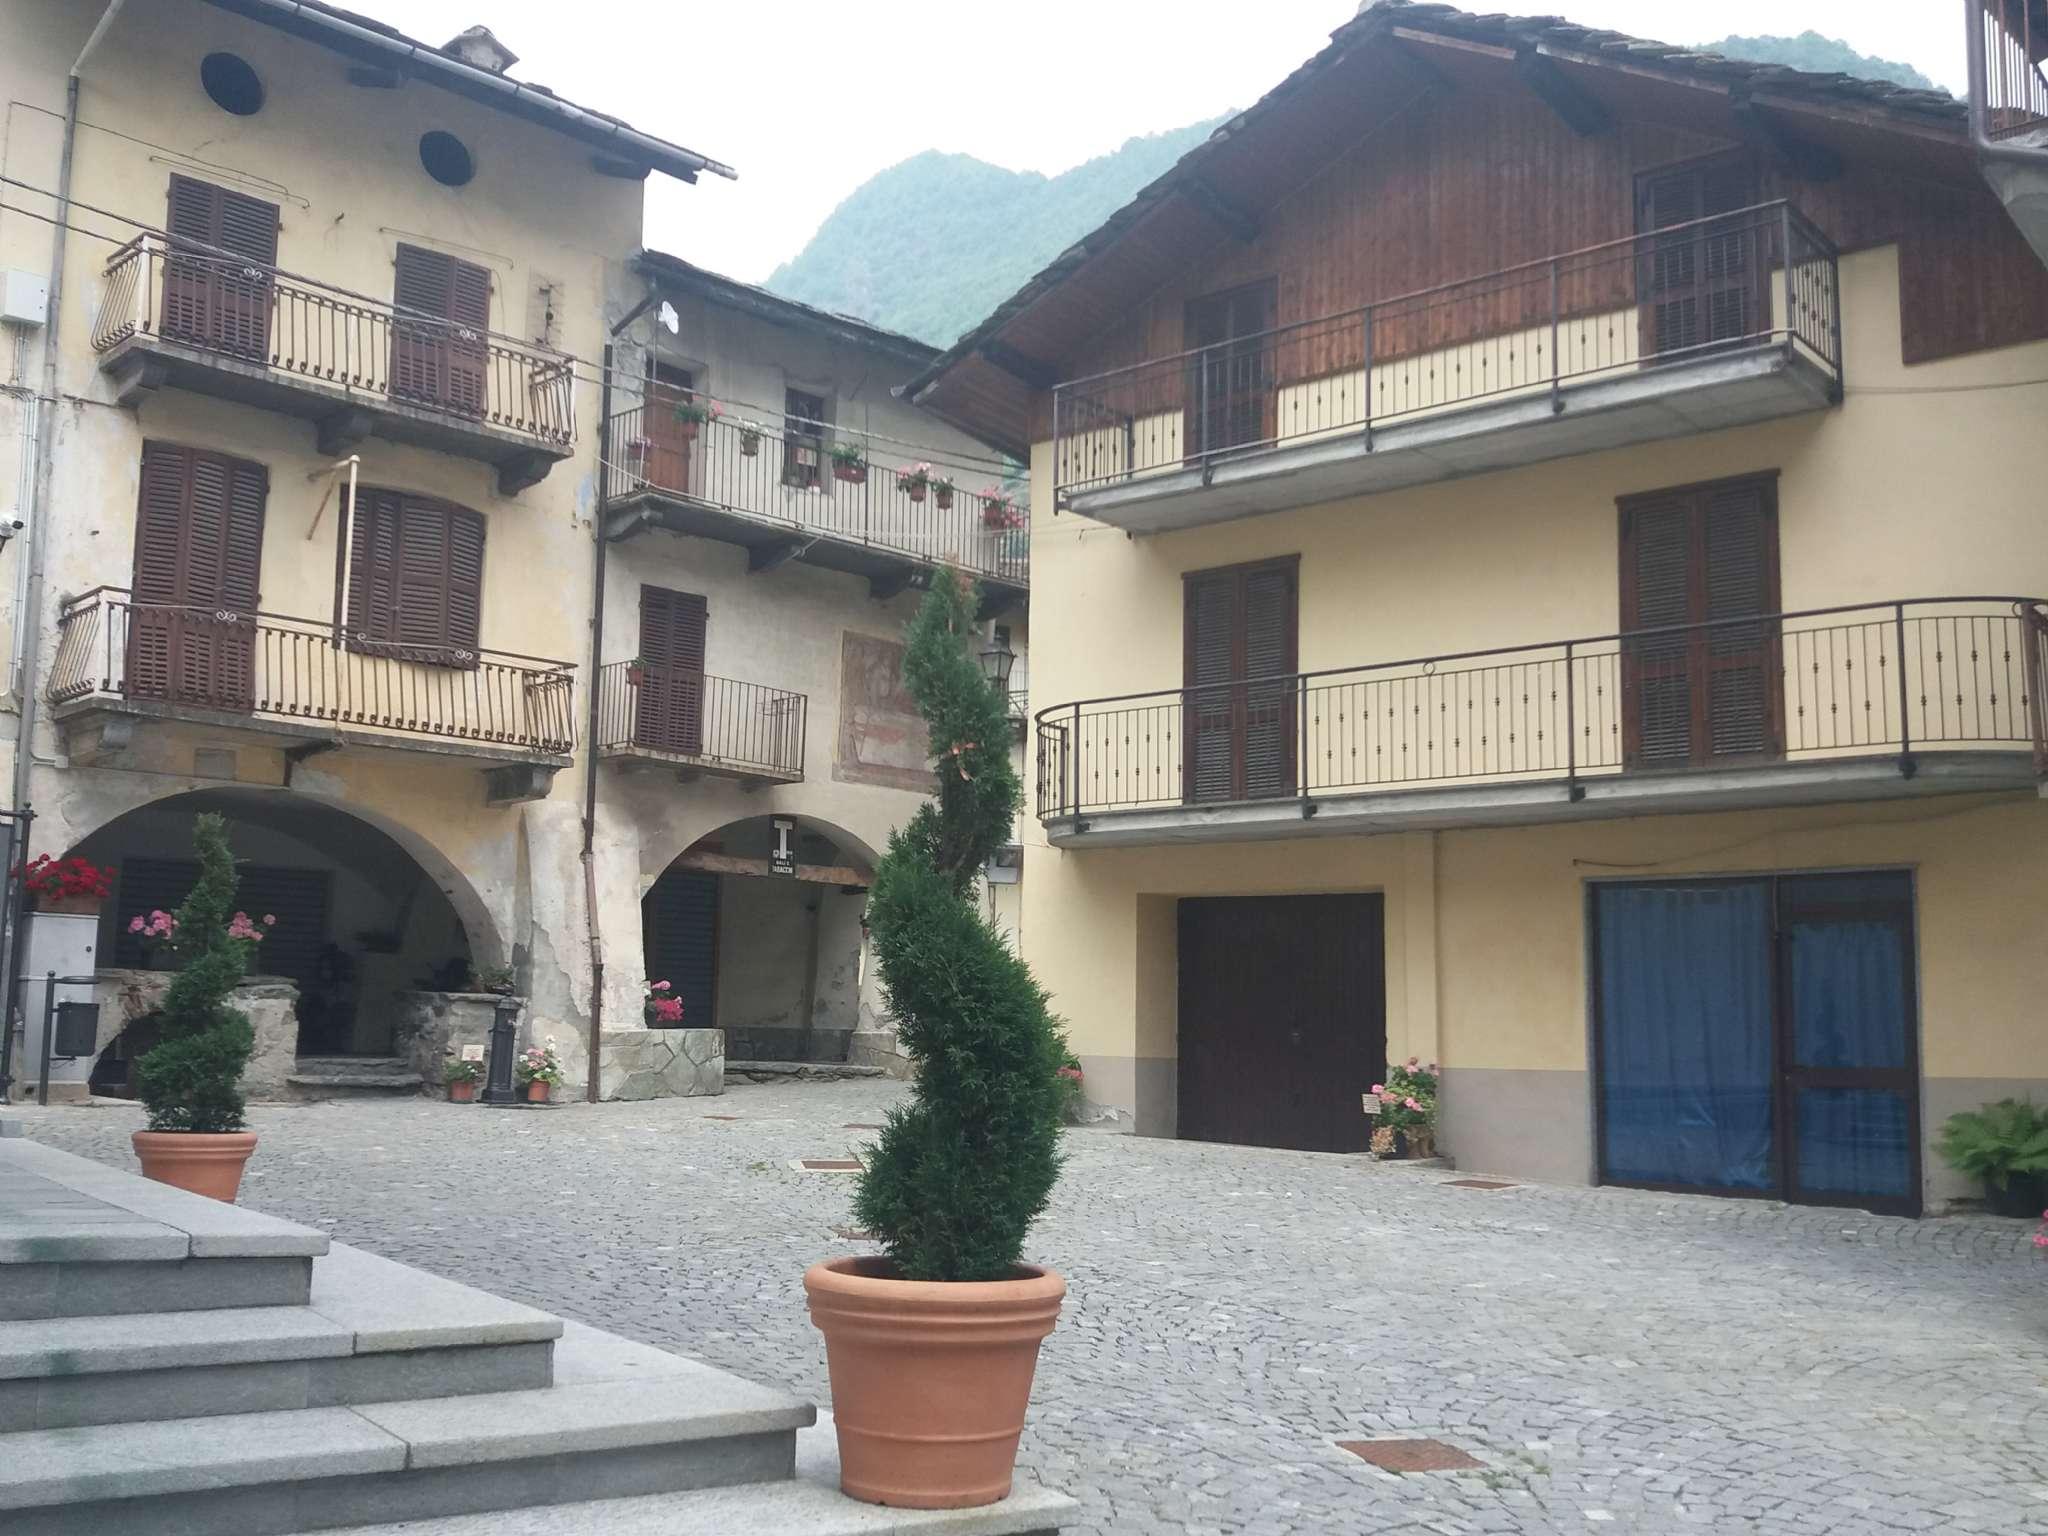 Negozio / Locale in vendita a Sparone, 6 locali, prezzo € 75.000 | PortaleAgenzieImmobiliari.it